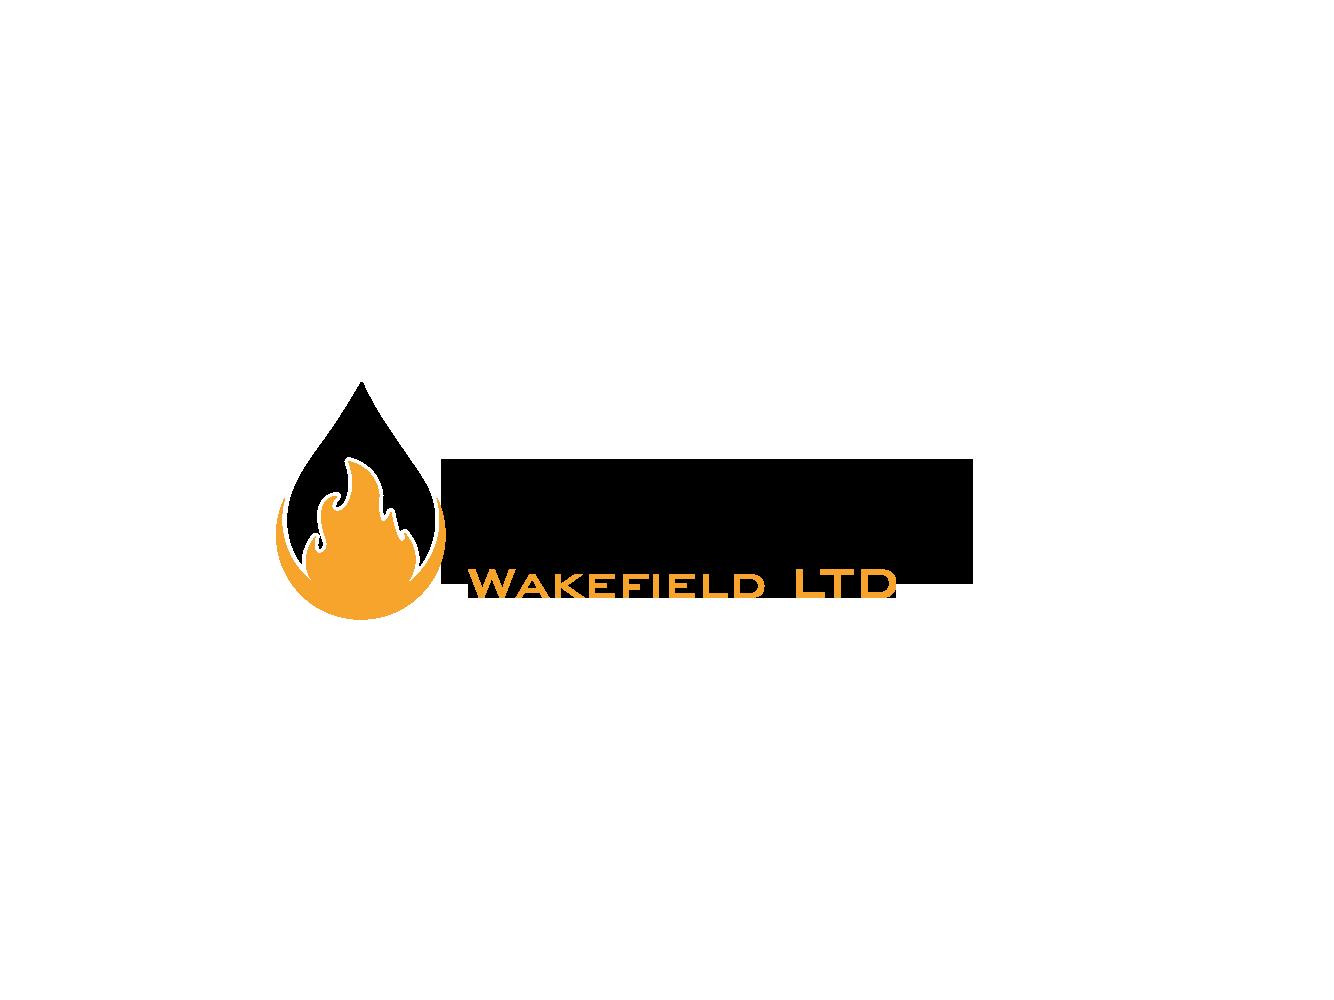 Warming Wakefield LTD Verified Logo